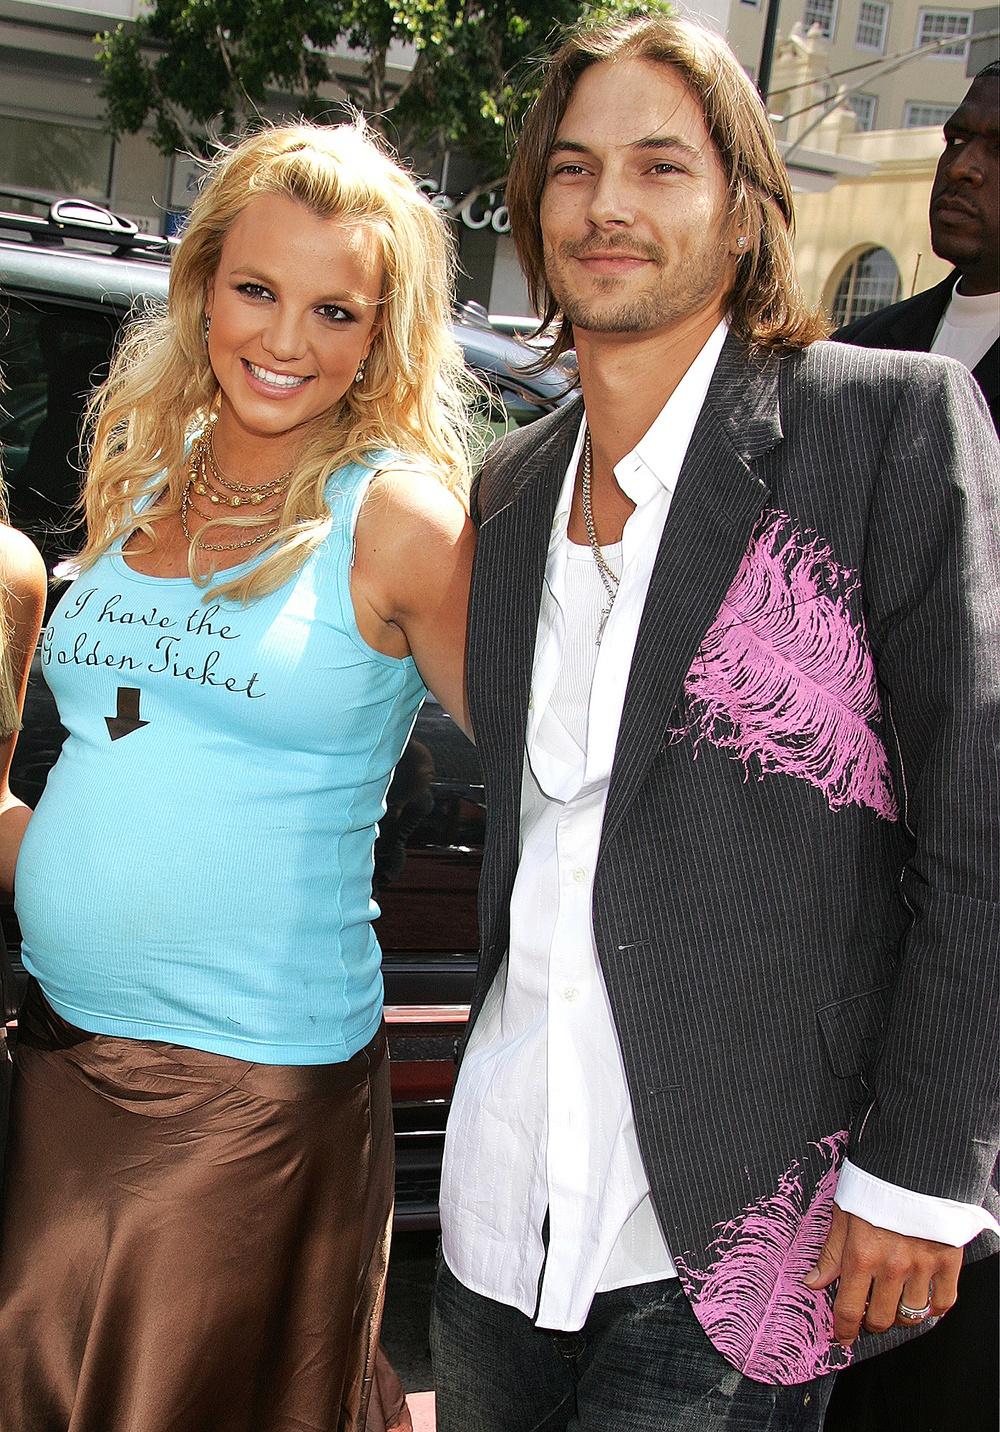 Britney Spears: Công chúa khổ sở, bị kiểm soát như nô lệ và lời kêu cứu khiến cả thế giới bàng hoàng - Ảnh 4.